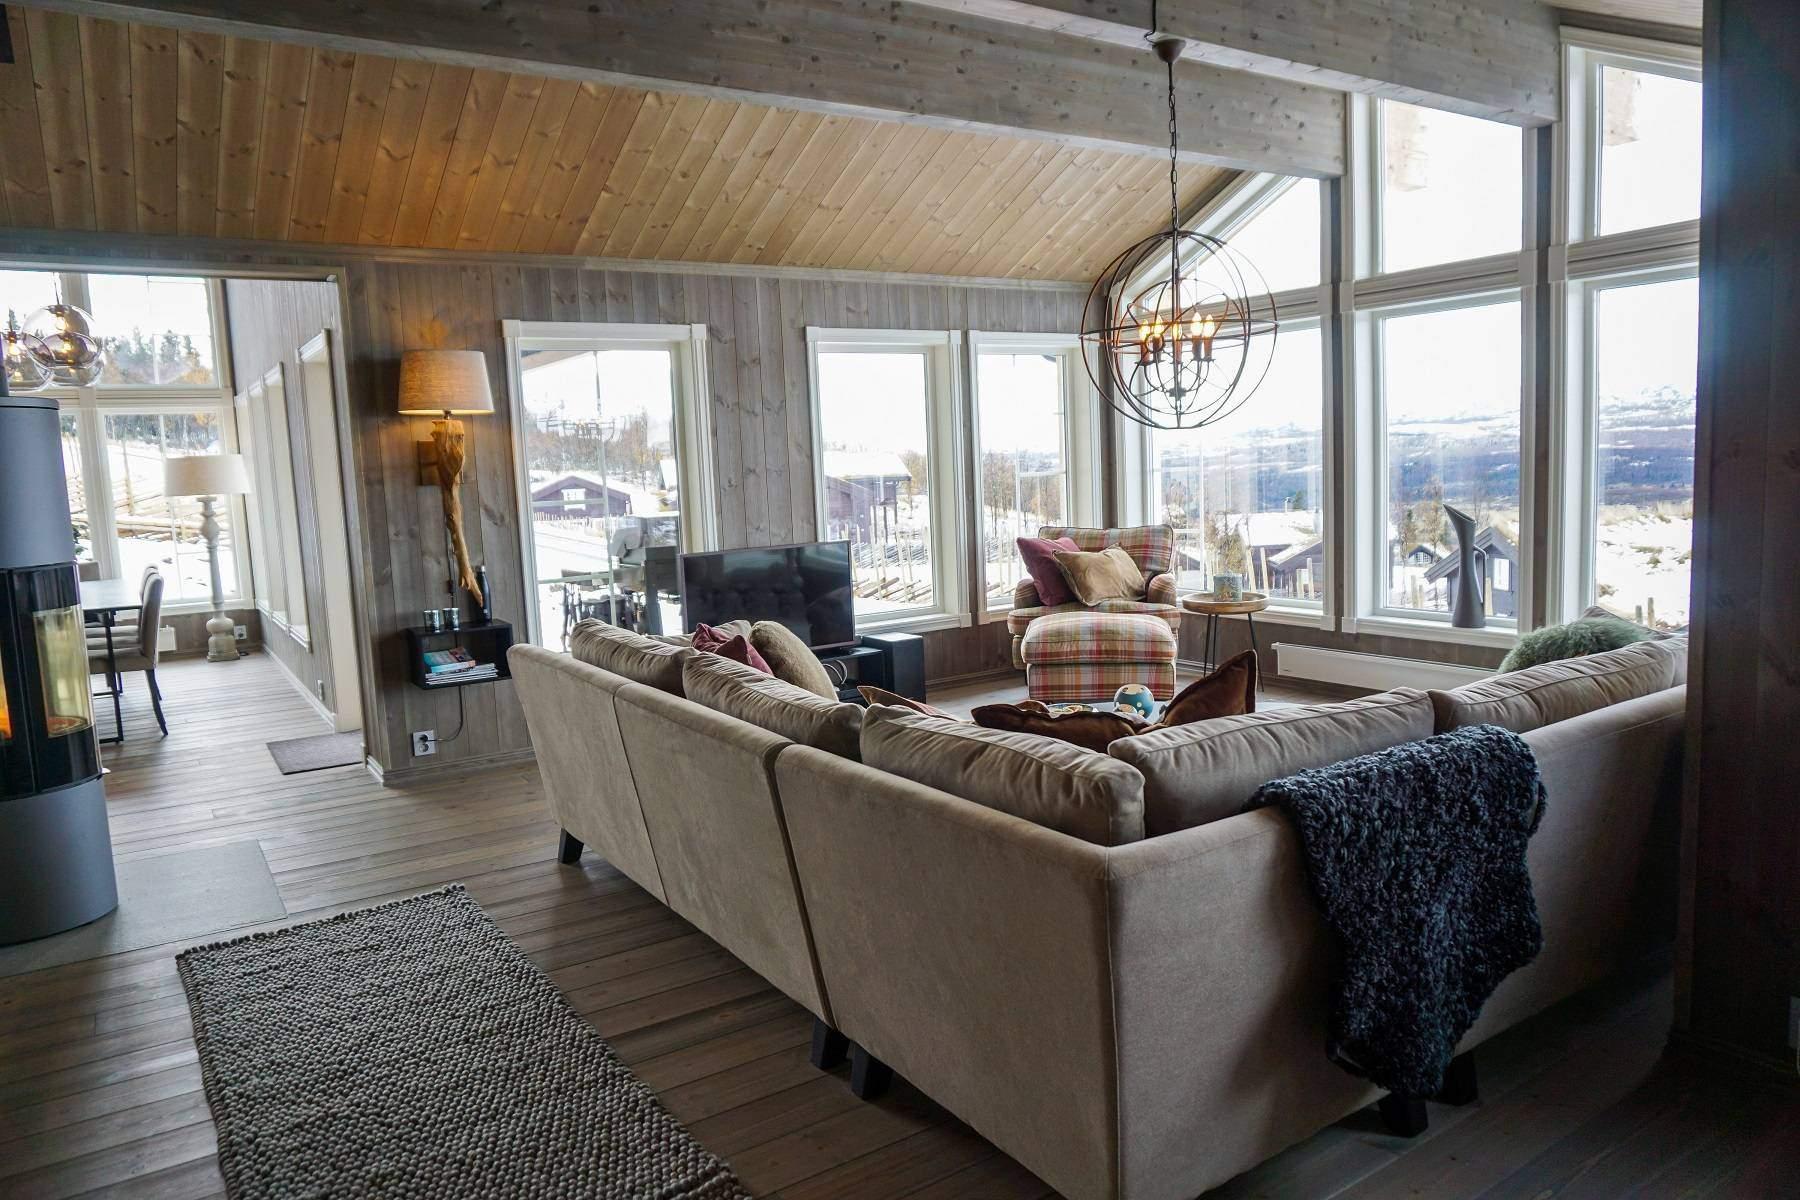 162 Hytteinteriør Hytteinspirasjon Strynsfjell 122 på Høyset Panorama Vaset. Mot stua og spisestua